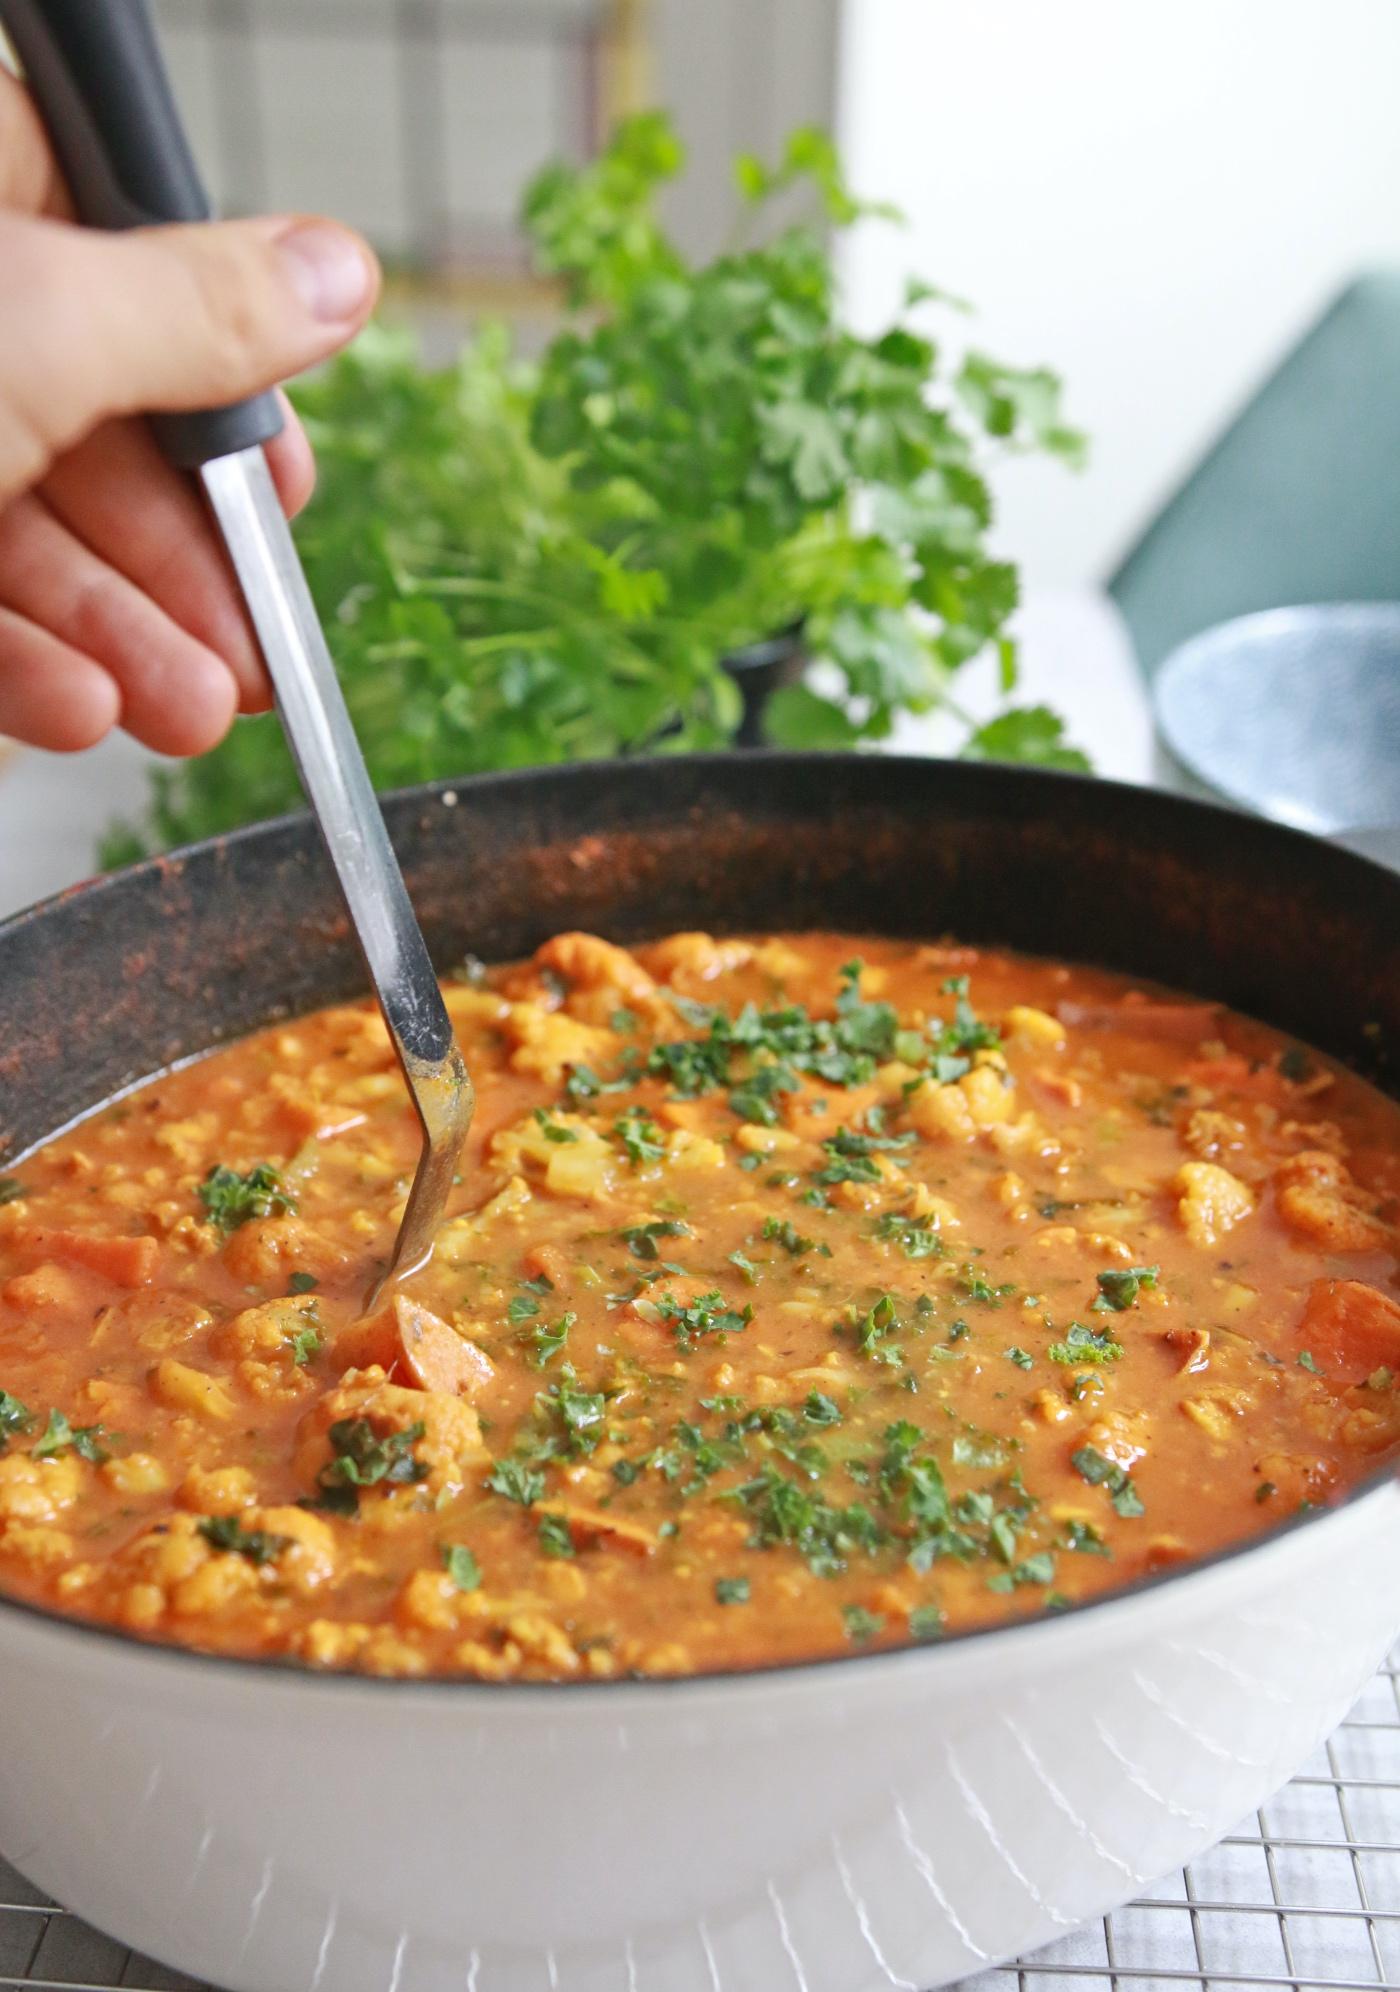 stoofpot recept met tempeh, zoete aardappel & bloemkool